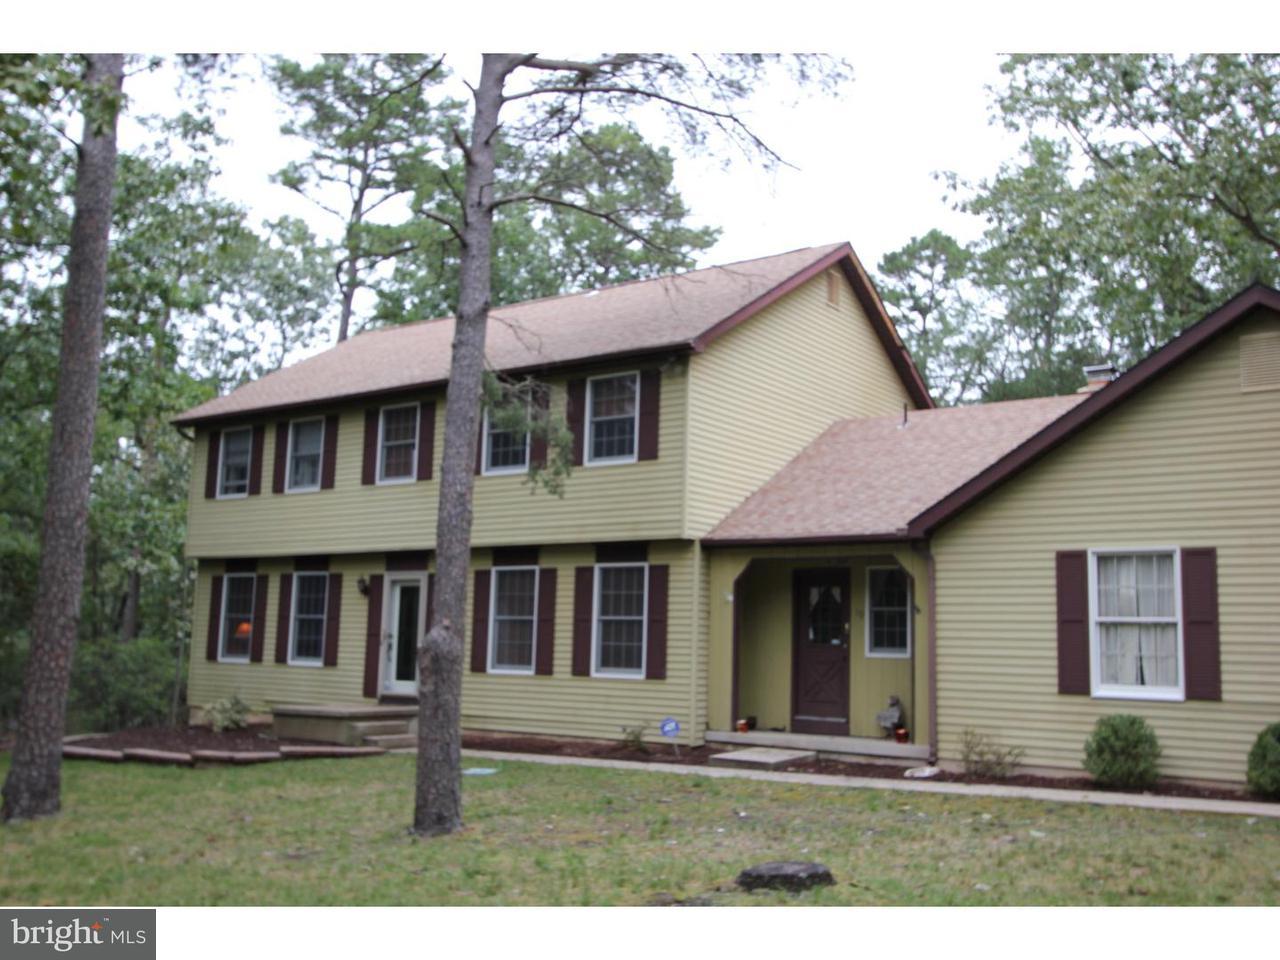 独户住宅 为 出租 在 19 ROBIN WAY Medford, 新泽西州 08055 美国